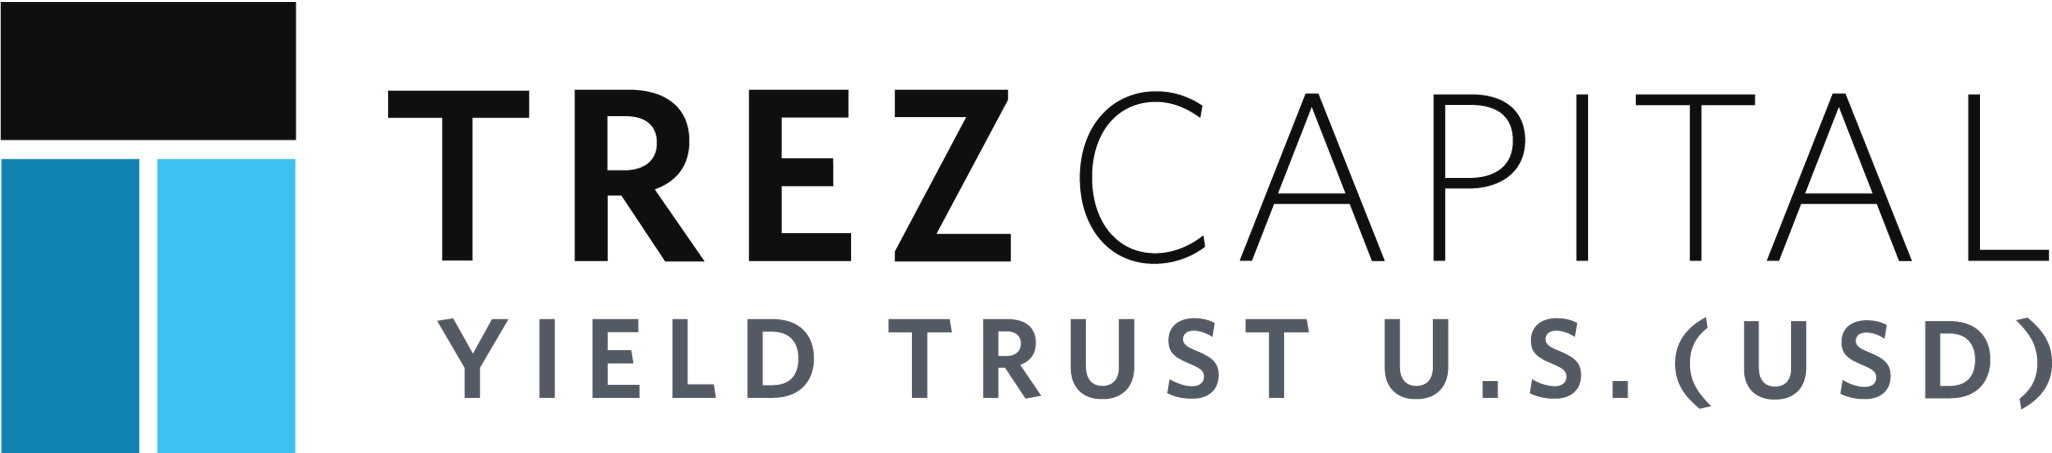 Yield Trust U.S. (USD)